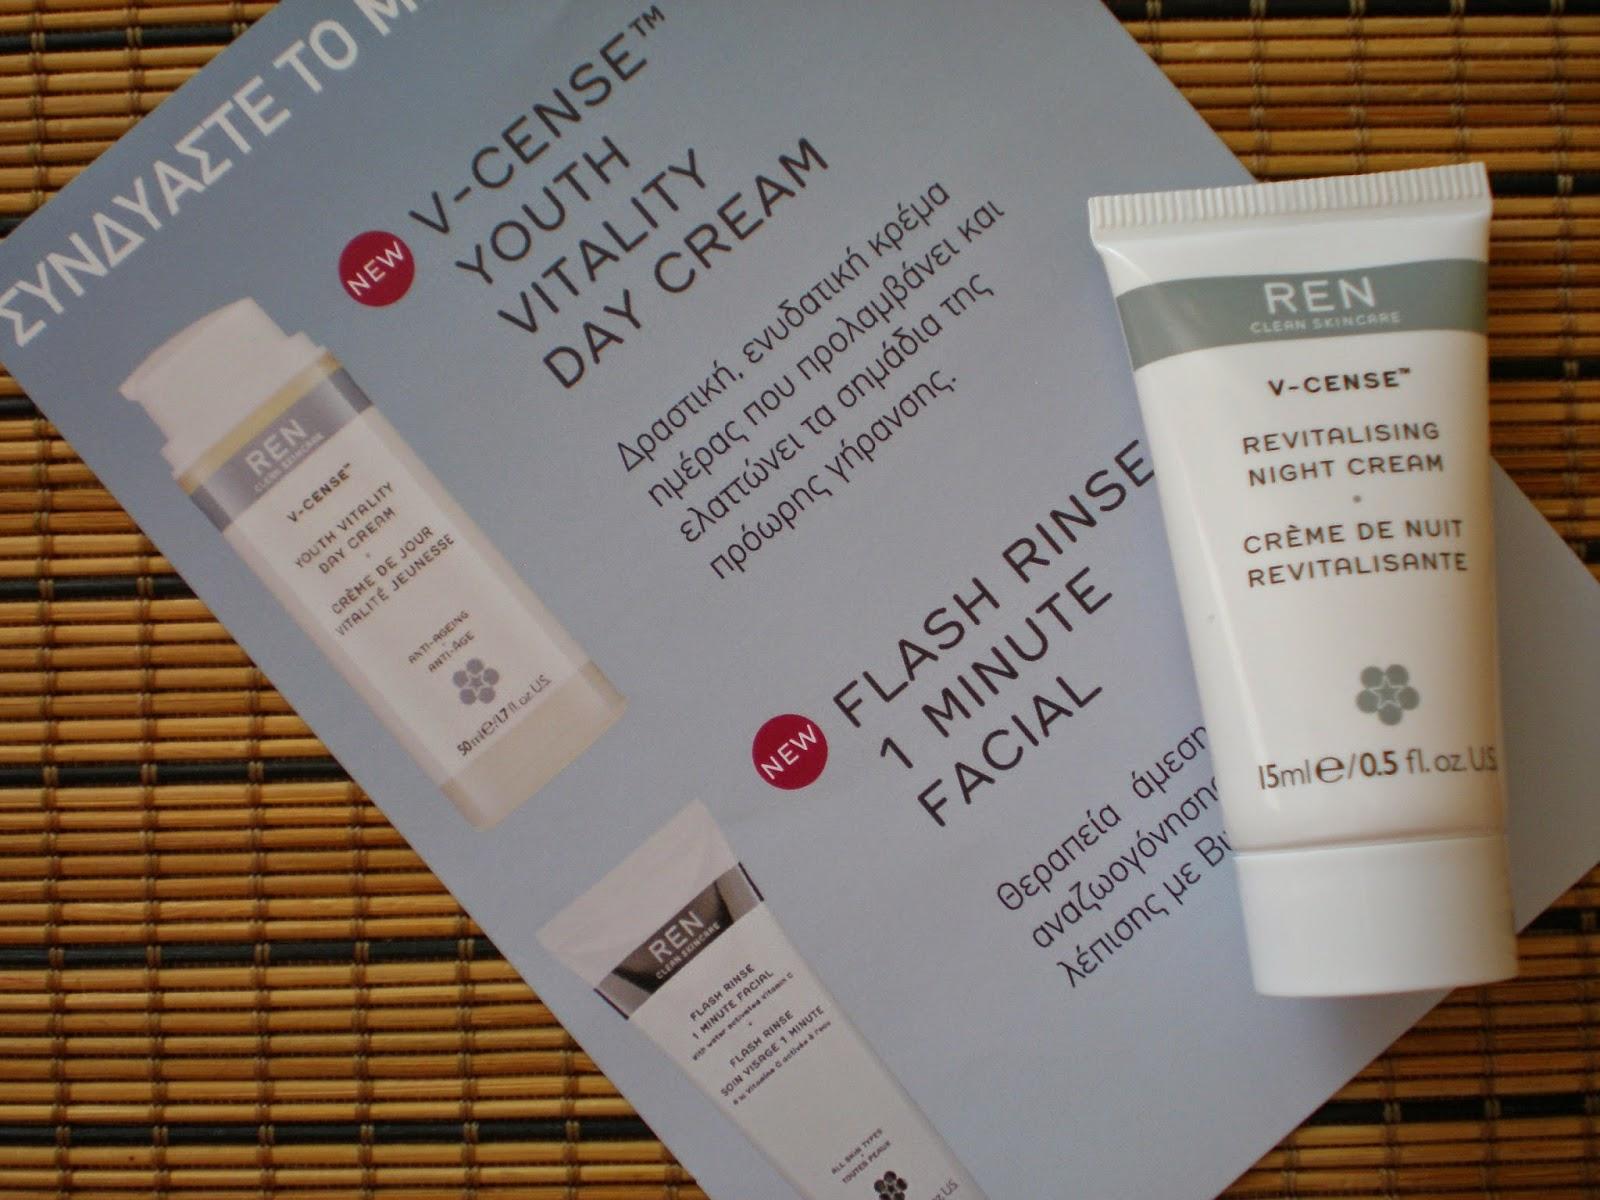 REN CLEAN SKINCARE, V-Cense Revitalizing Night Cream